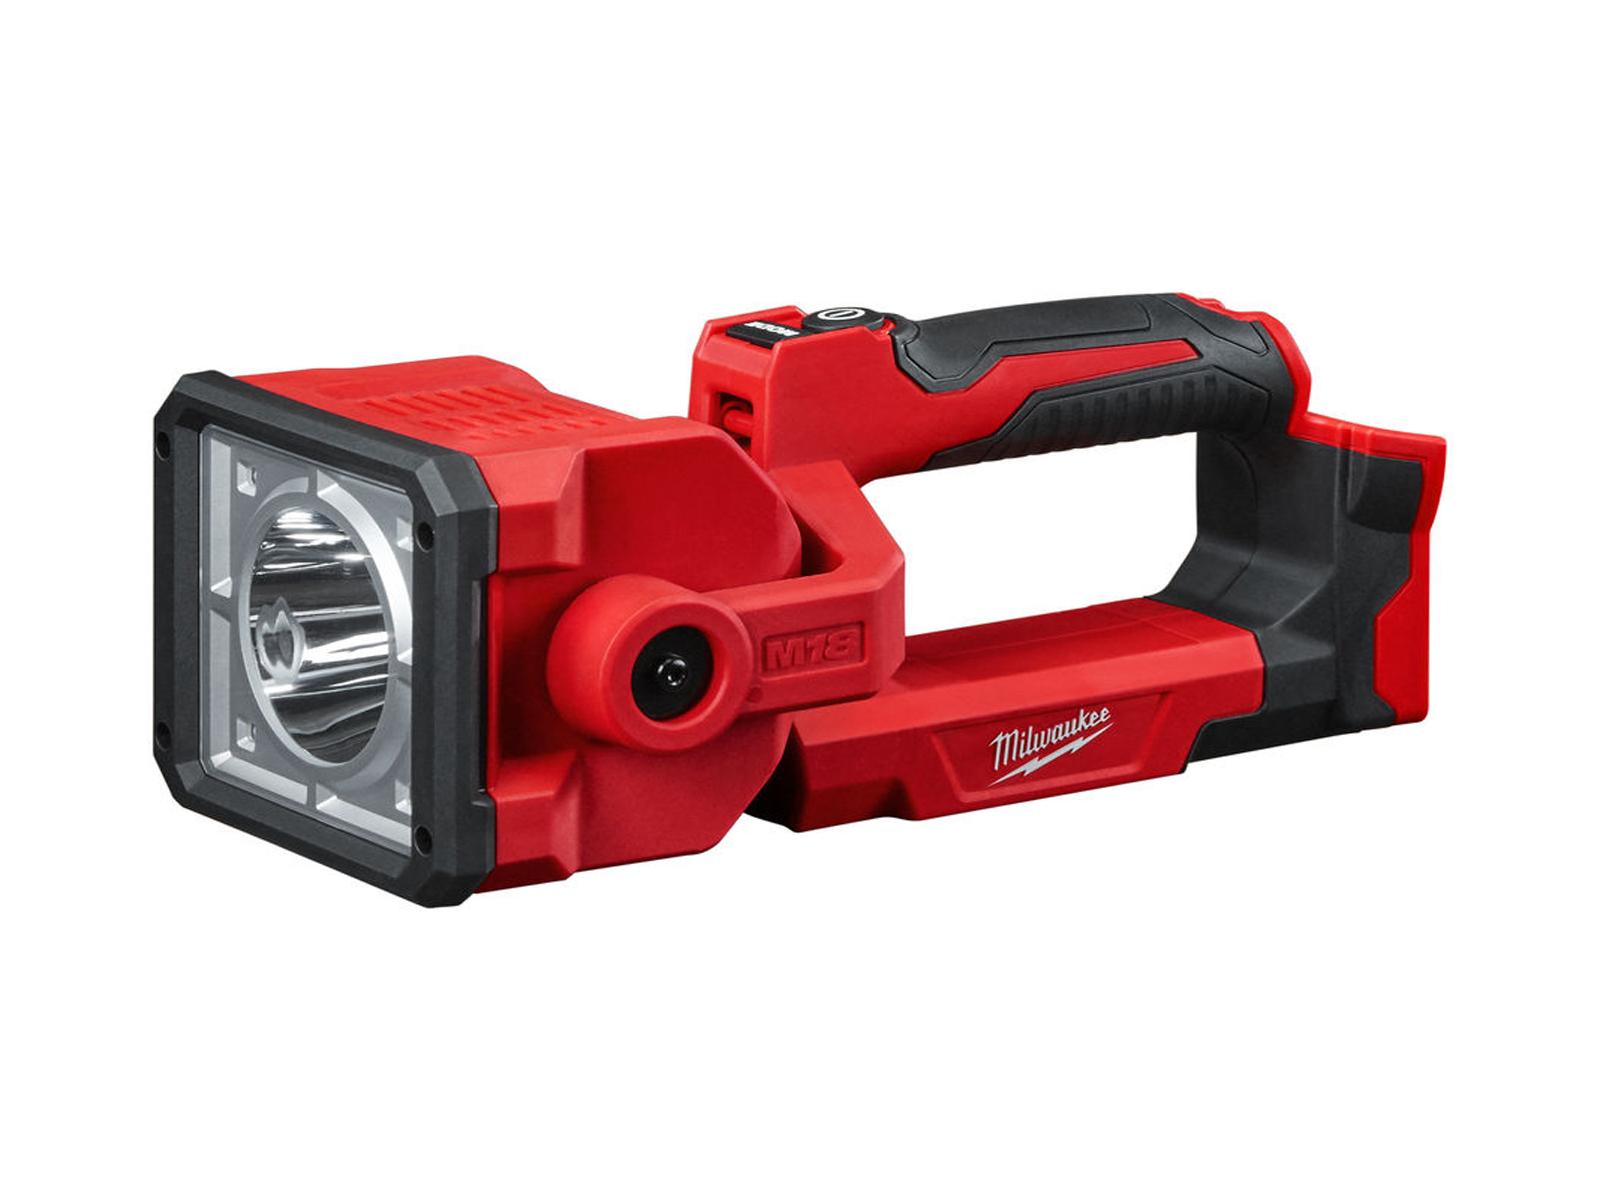 MILWAUKEE 18V 4-MODE LED SEARCH LIGHT 1250 LUMENS - M18SLED - BODY ONLY